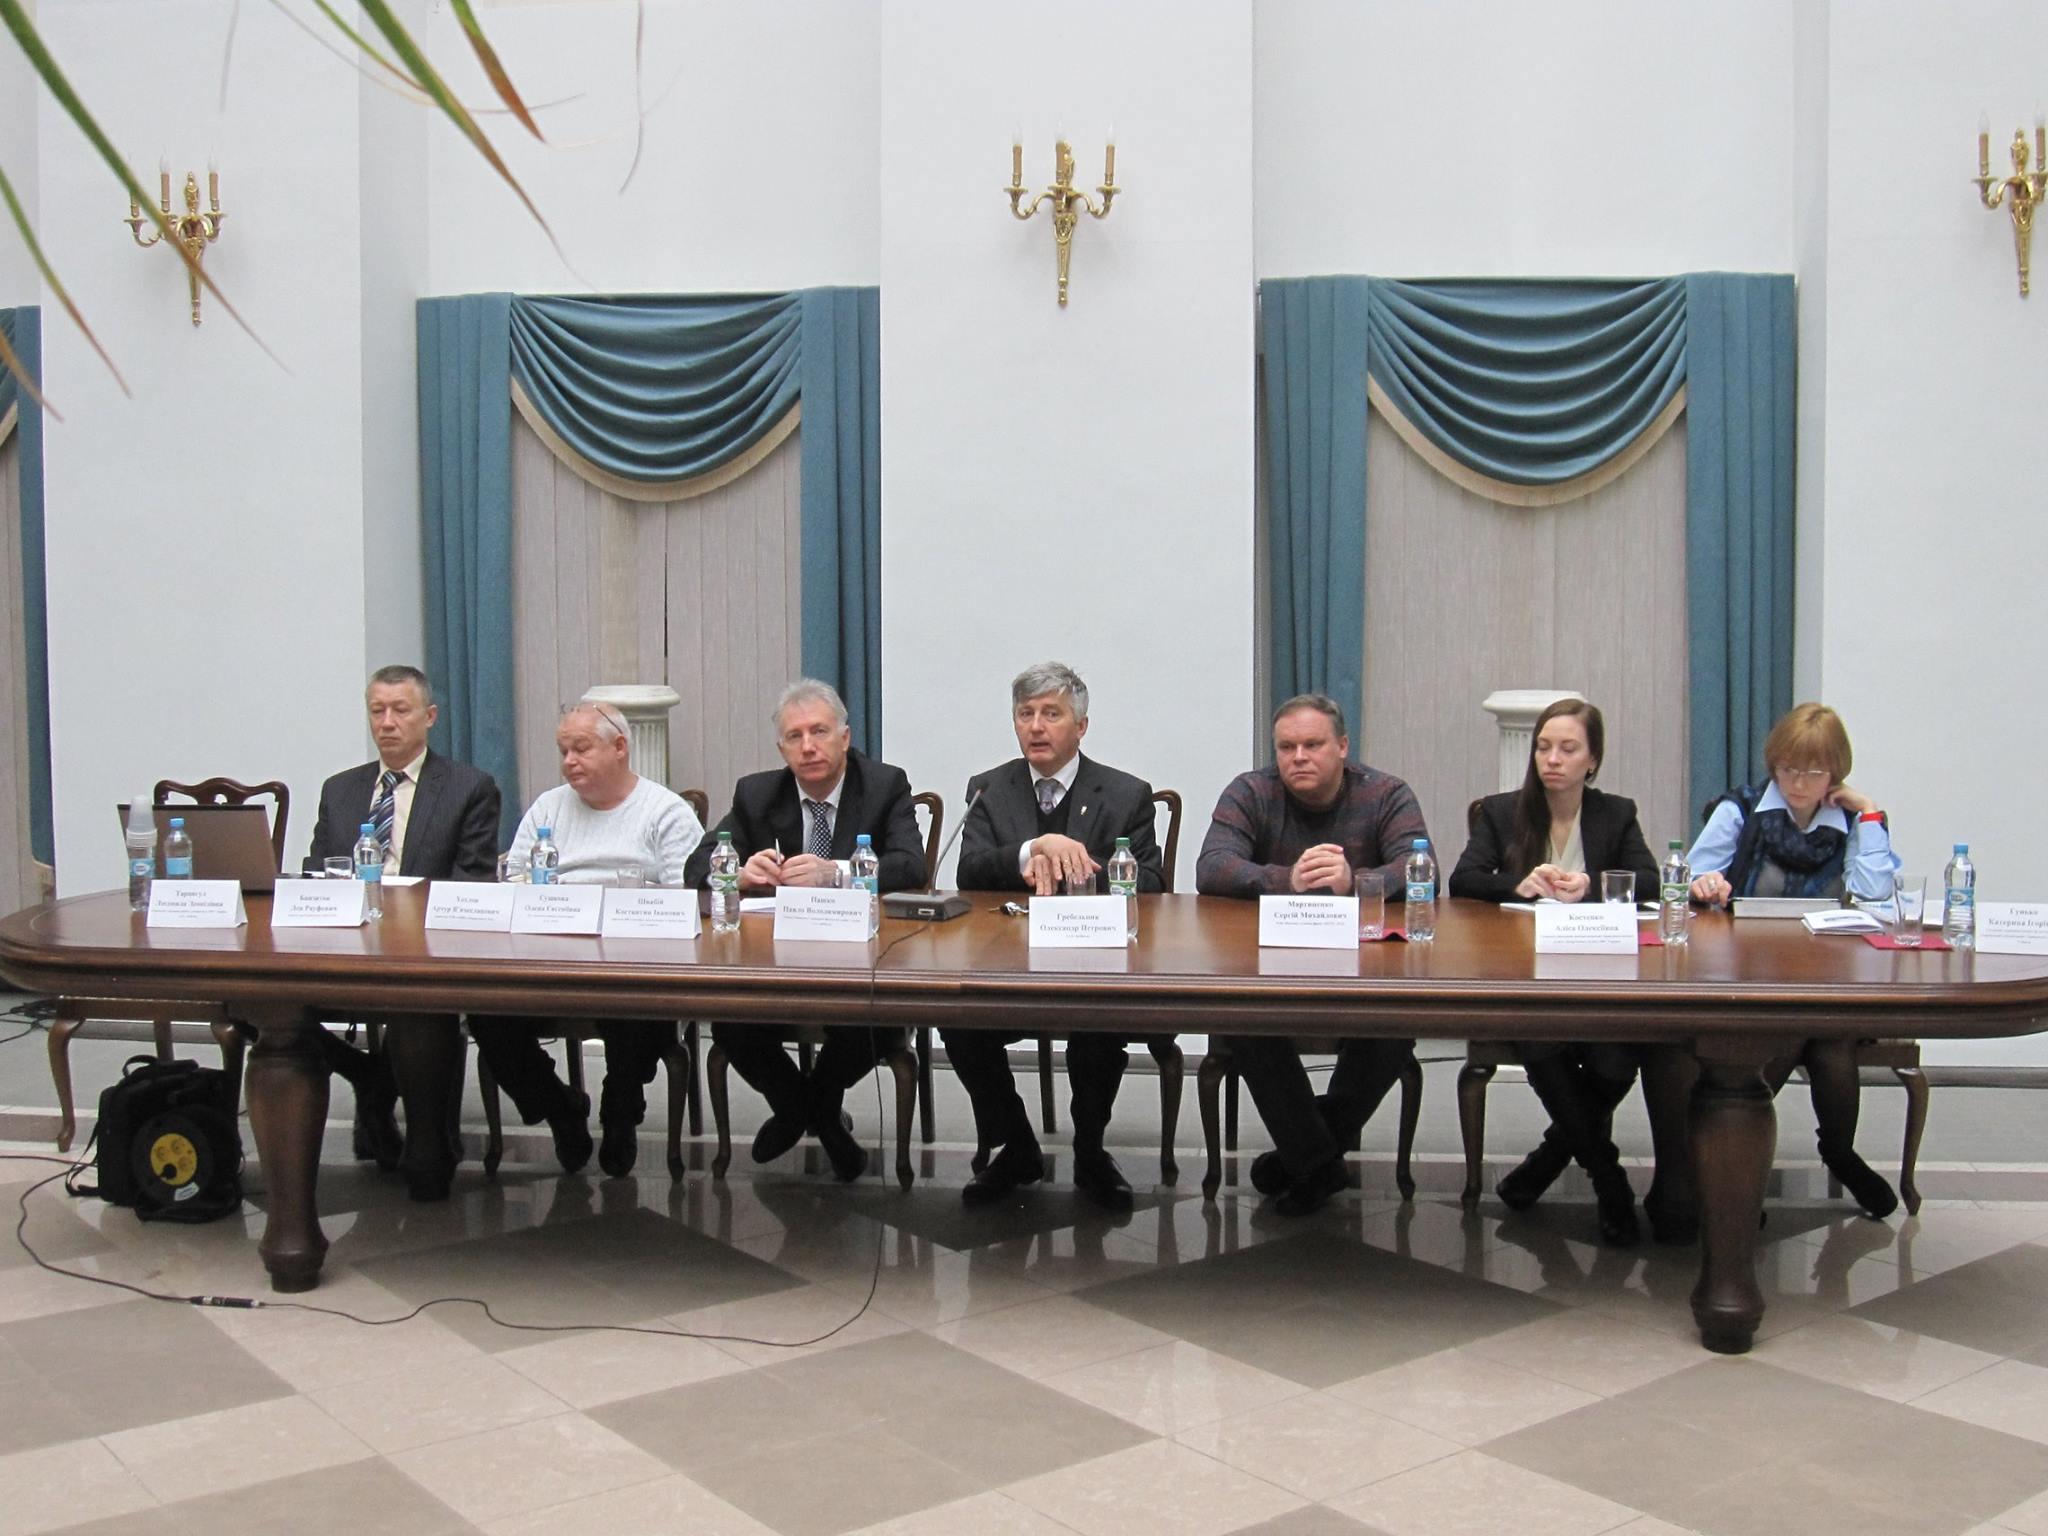 У грудні 2016 року, в рамках декади кафедри митної справи, проведено науково-практичний круглий стіл на тему «Сучасні тенденції розвитку митної справи в умовах євроінтеграції»